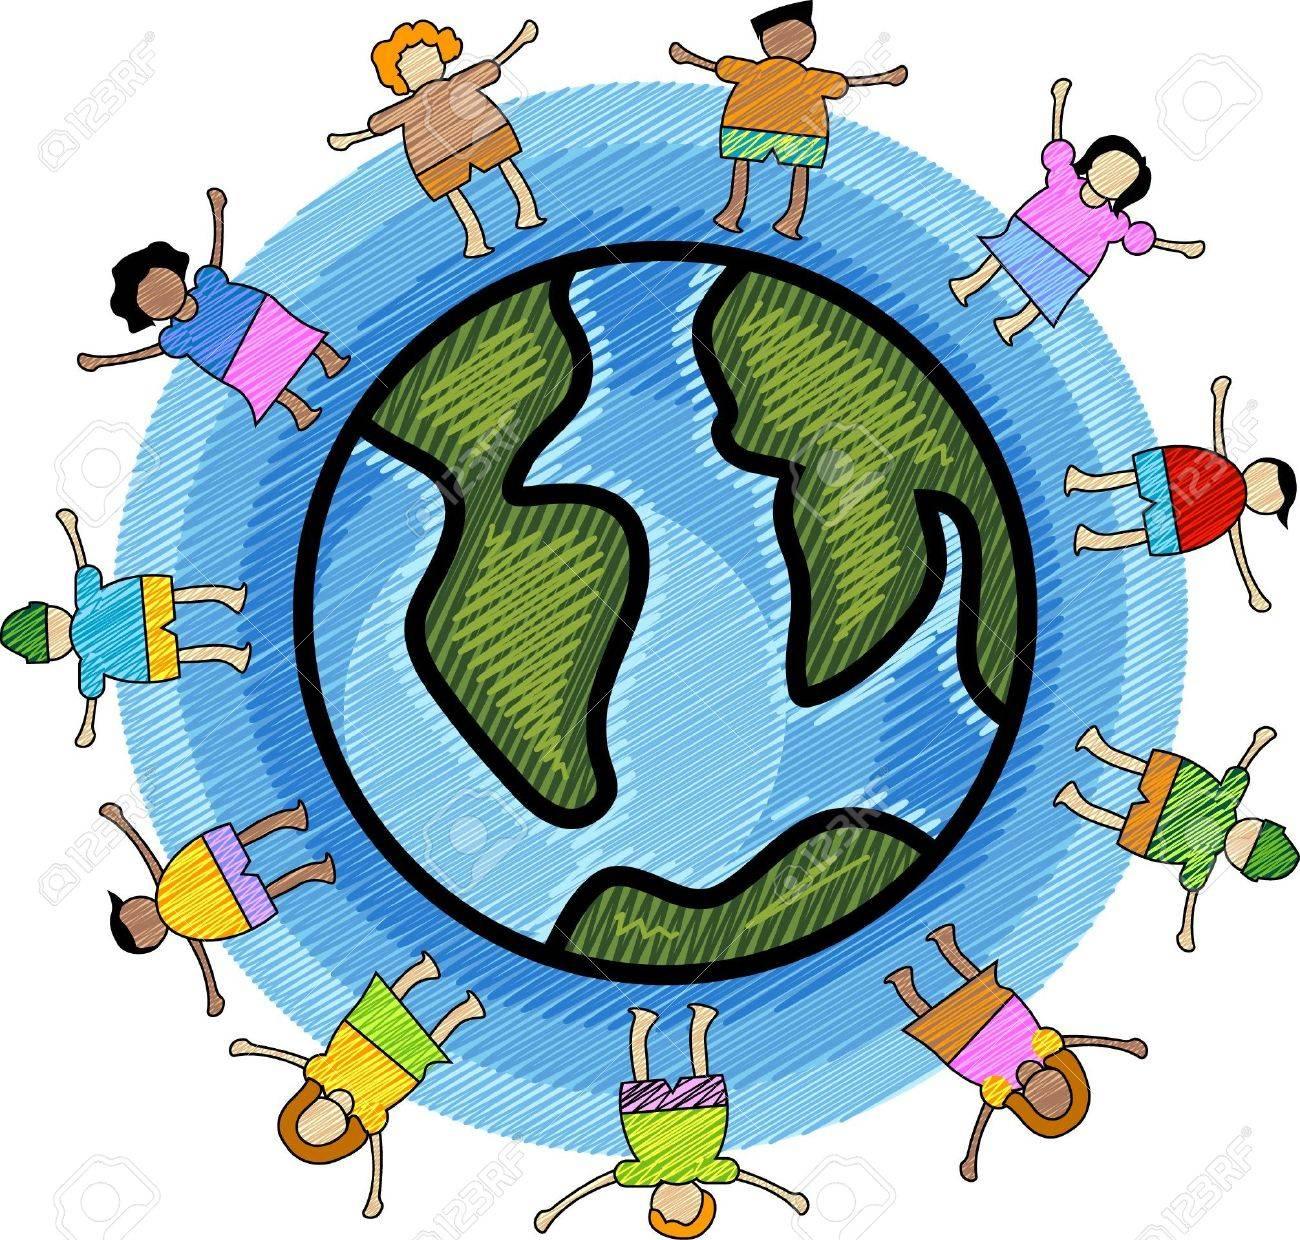 Kinderkreis clipart  Illustration Der Multikulturellen Kinder Kreis Mit Blauem ...